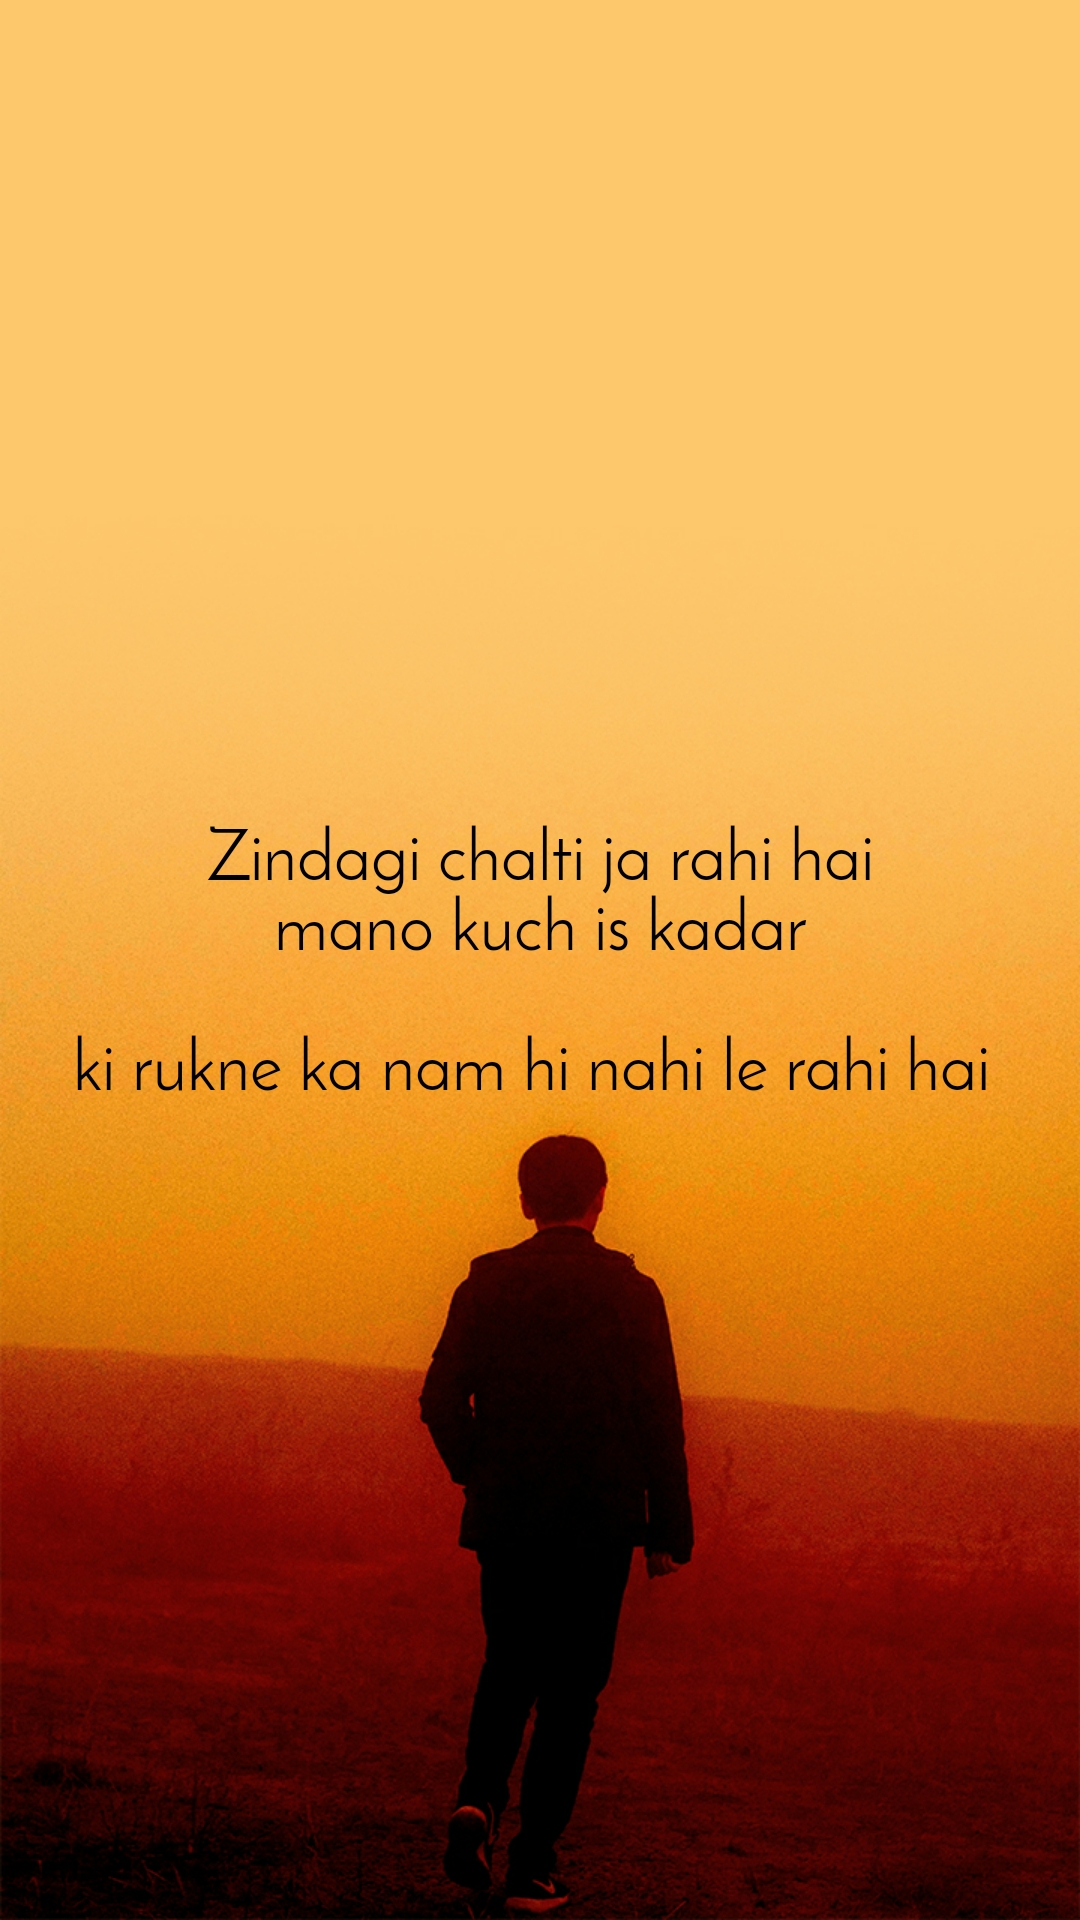 Zindagi chalti ja rahi hai mano kuch is kadar  ki rukne ka nam hi nahi le rahi hai